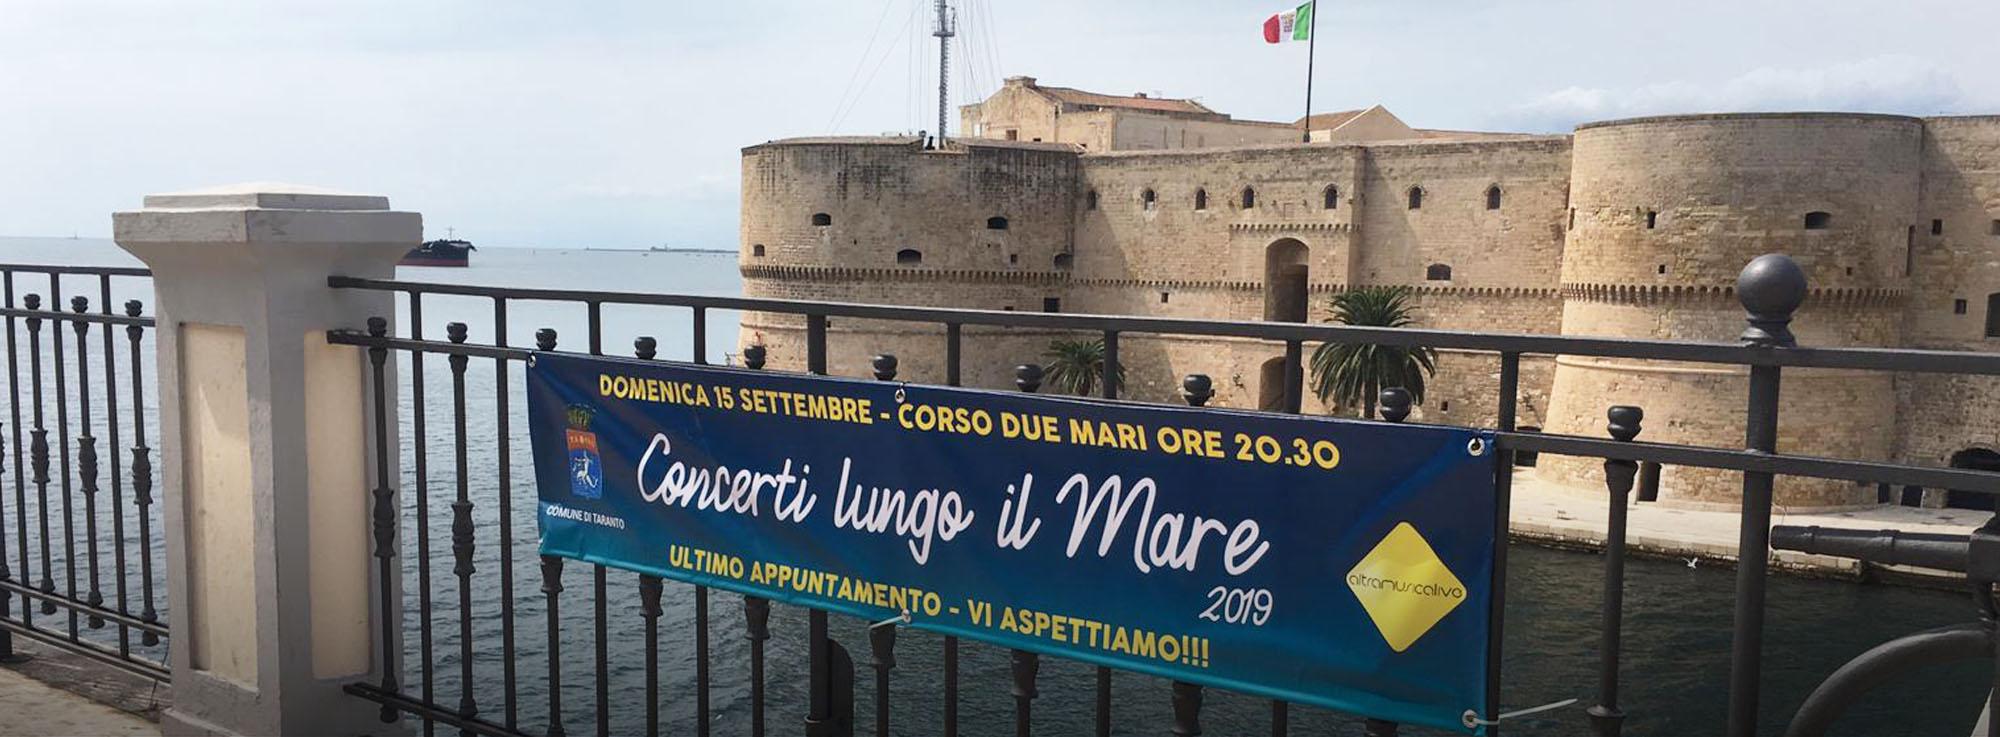 Taranto: Concerti Lungo il Mare - serata di chiusura